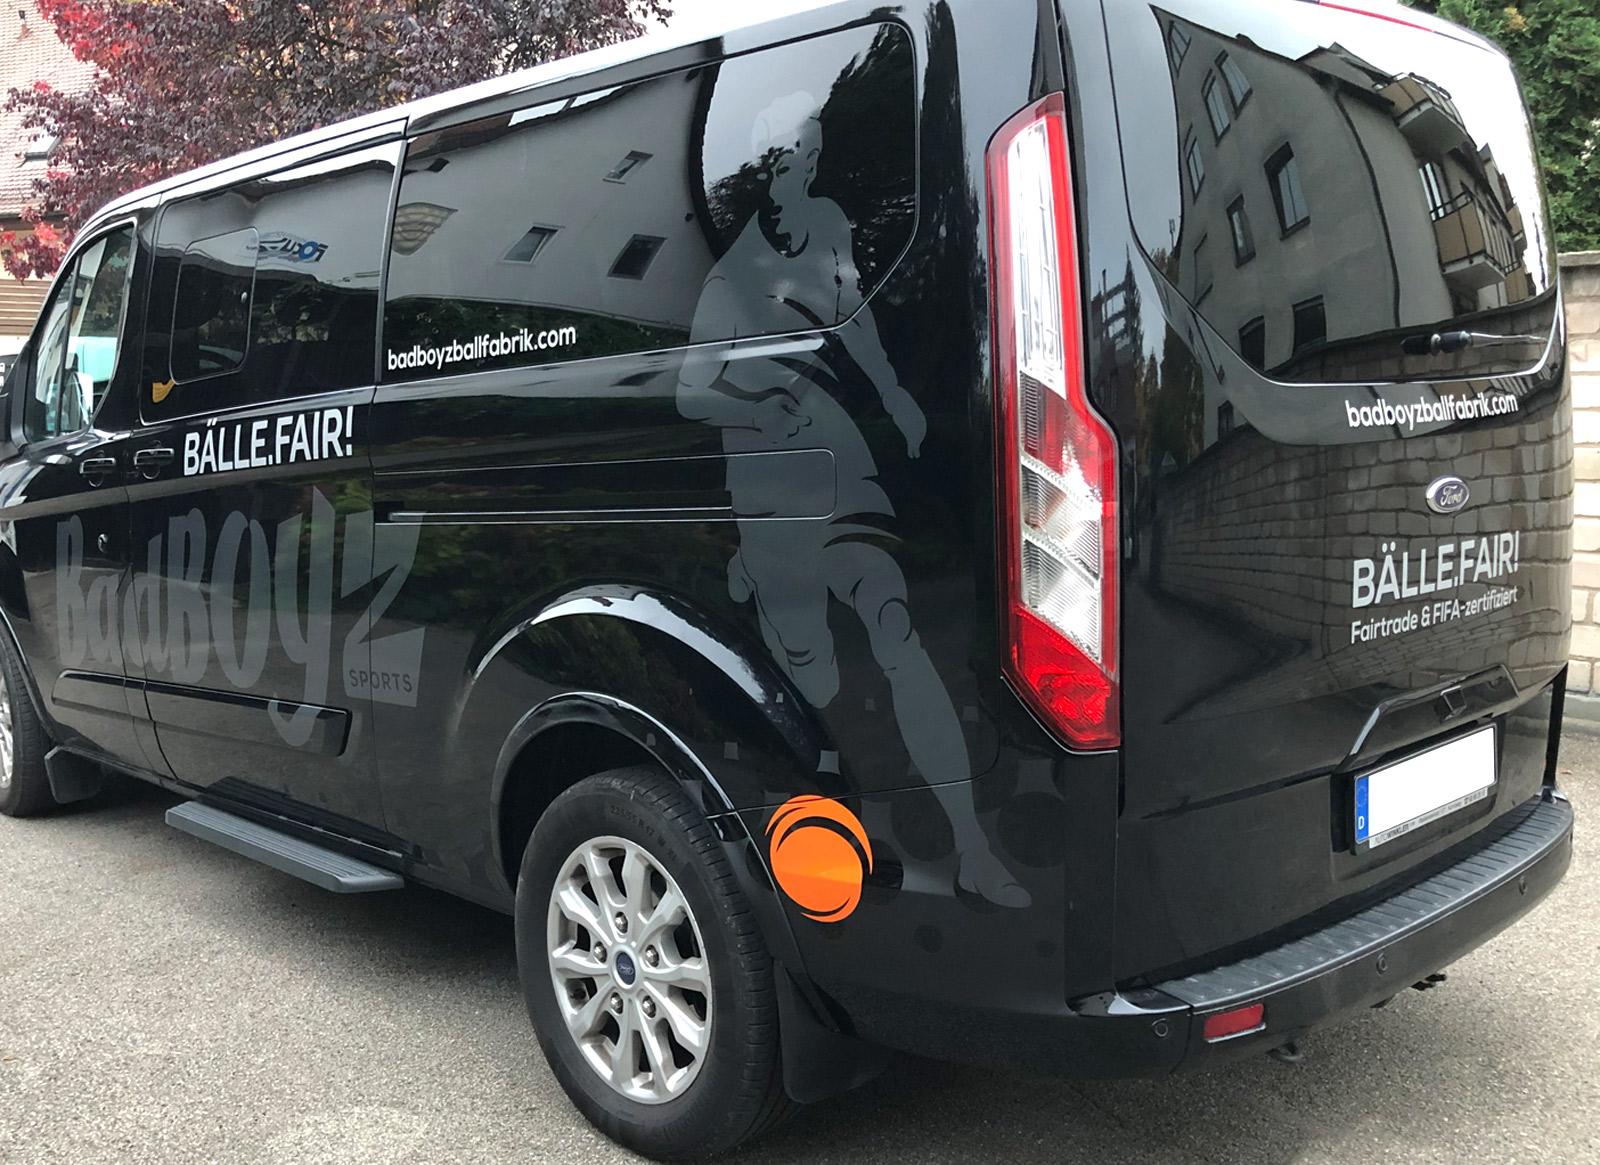 Seiten- und Heckansicht eines schwarzen Transporters mit einer neuen großflächigen Fahrzeugbeklebung von Badboyz Ballfabrik